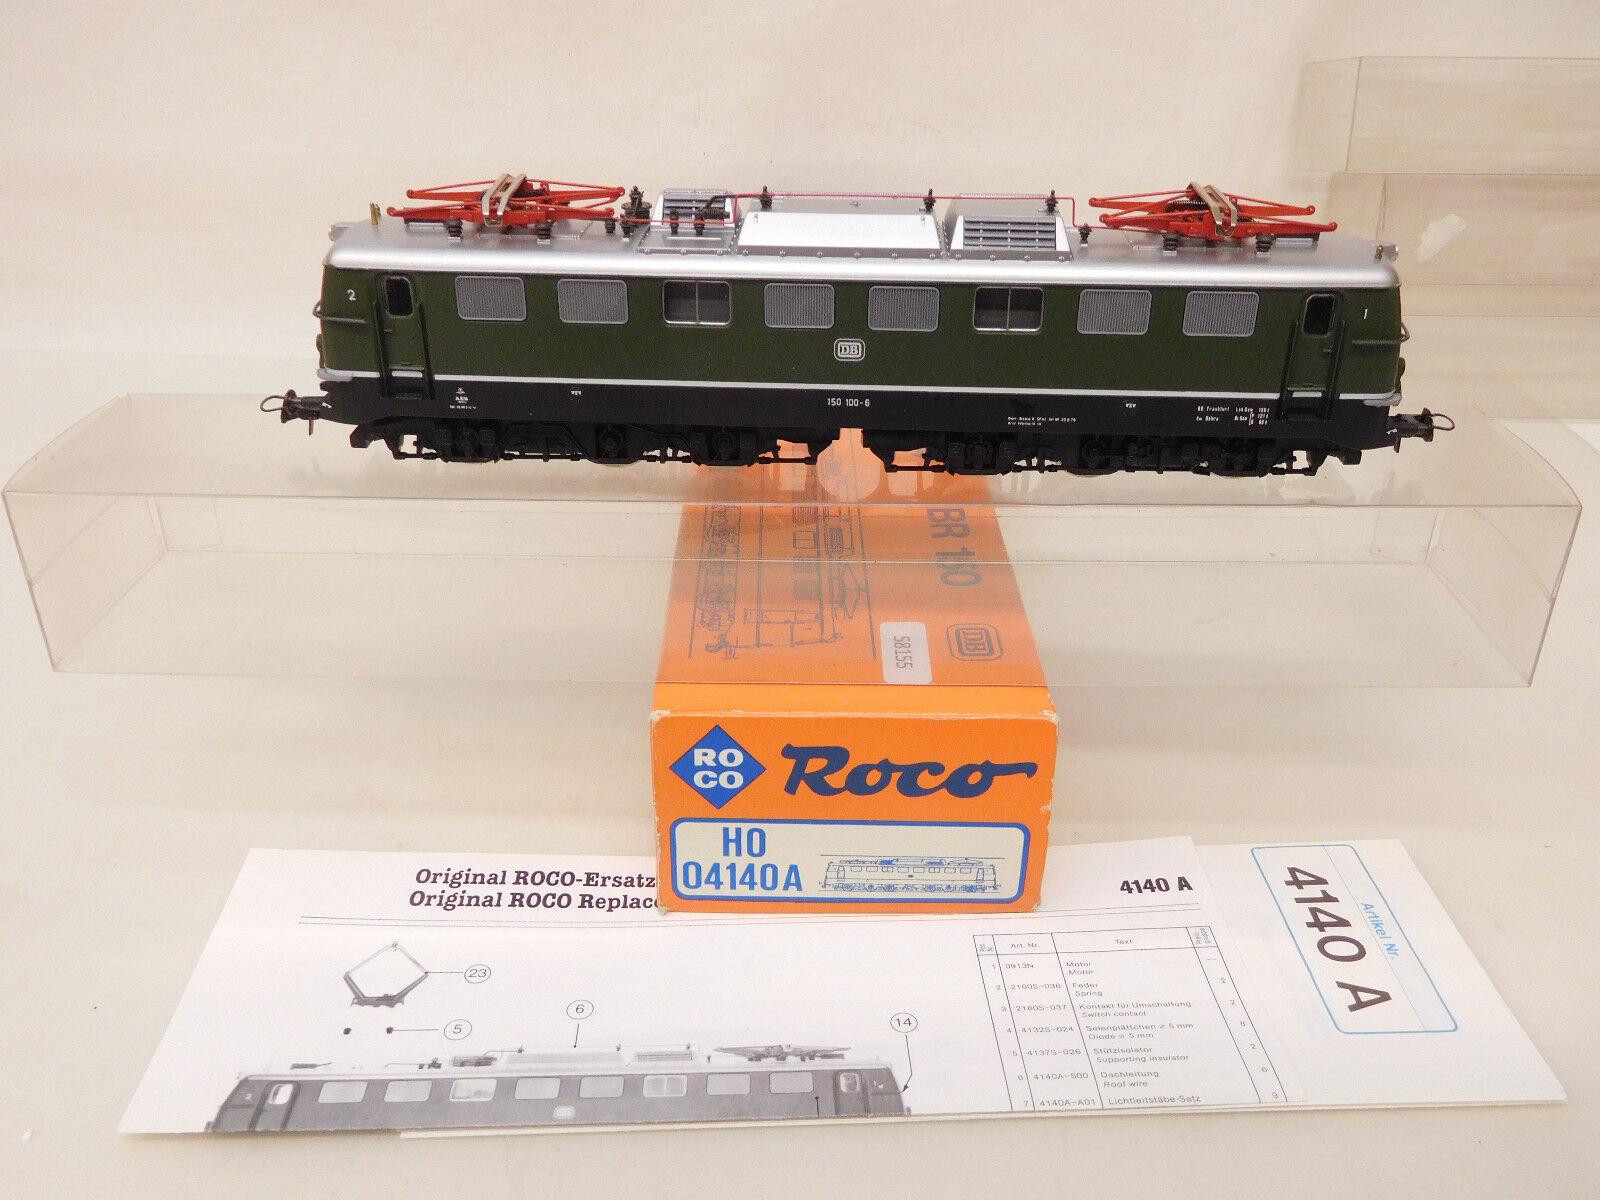 Mes-58155 ROCO 04140 a h0 E-Lok DB 150 100-6 ottime condizioni, esaminato funzione